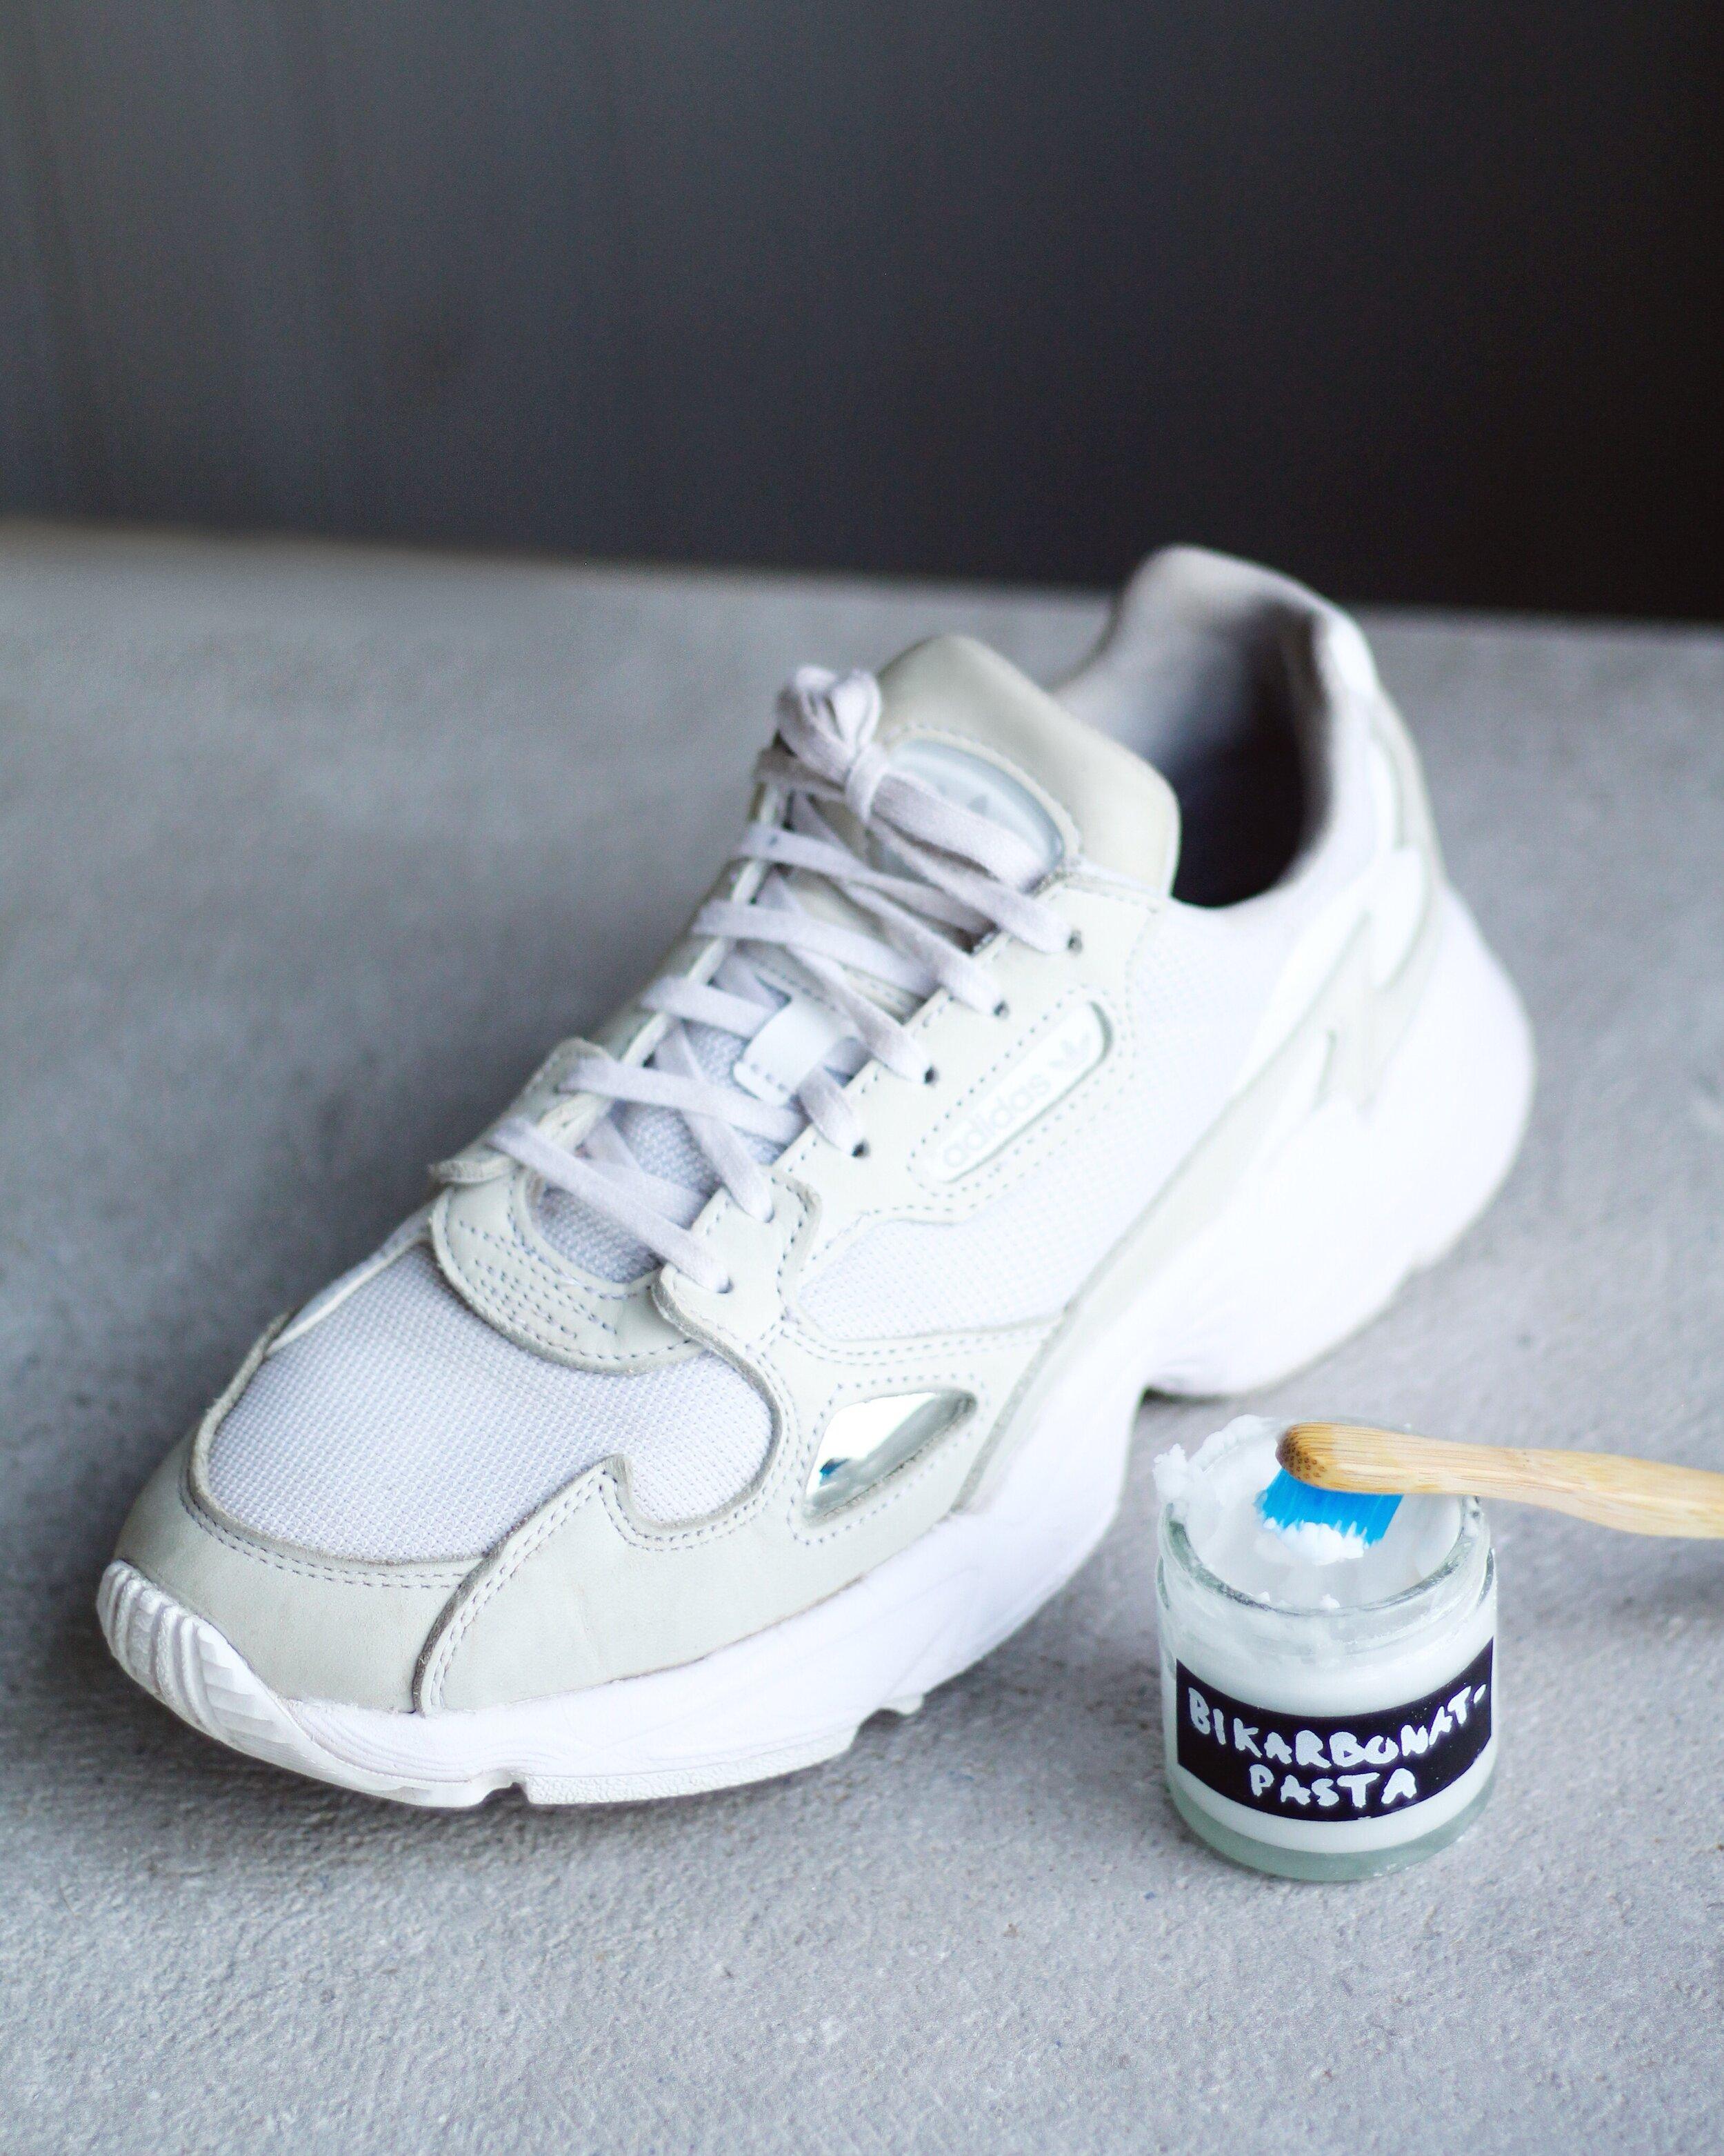 rengöra skor med bikarbonat